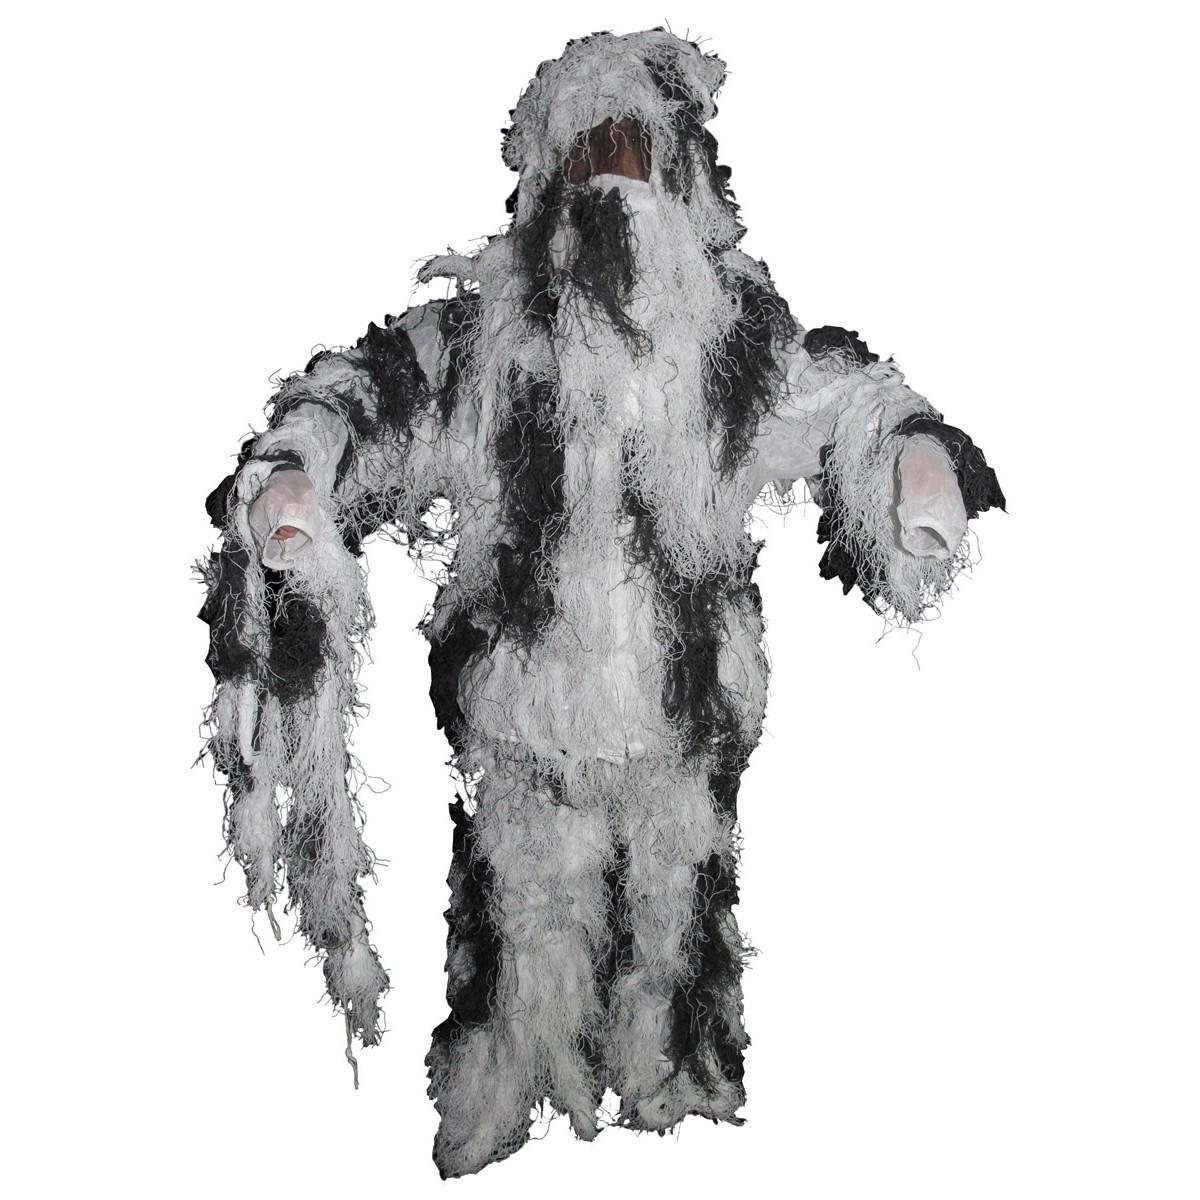 Костюм маскировочный Ghillie Suit снежный камуфляж MFH